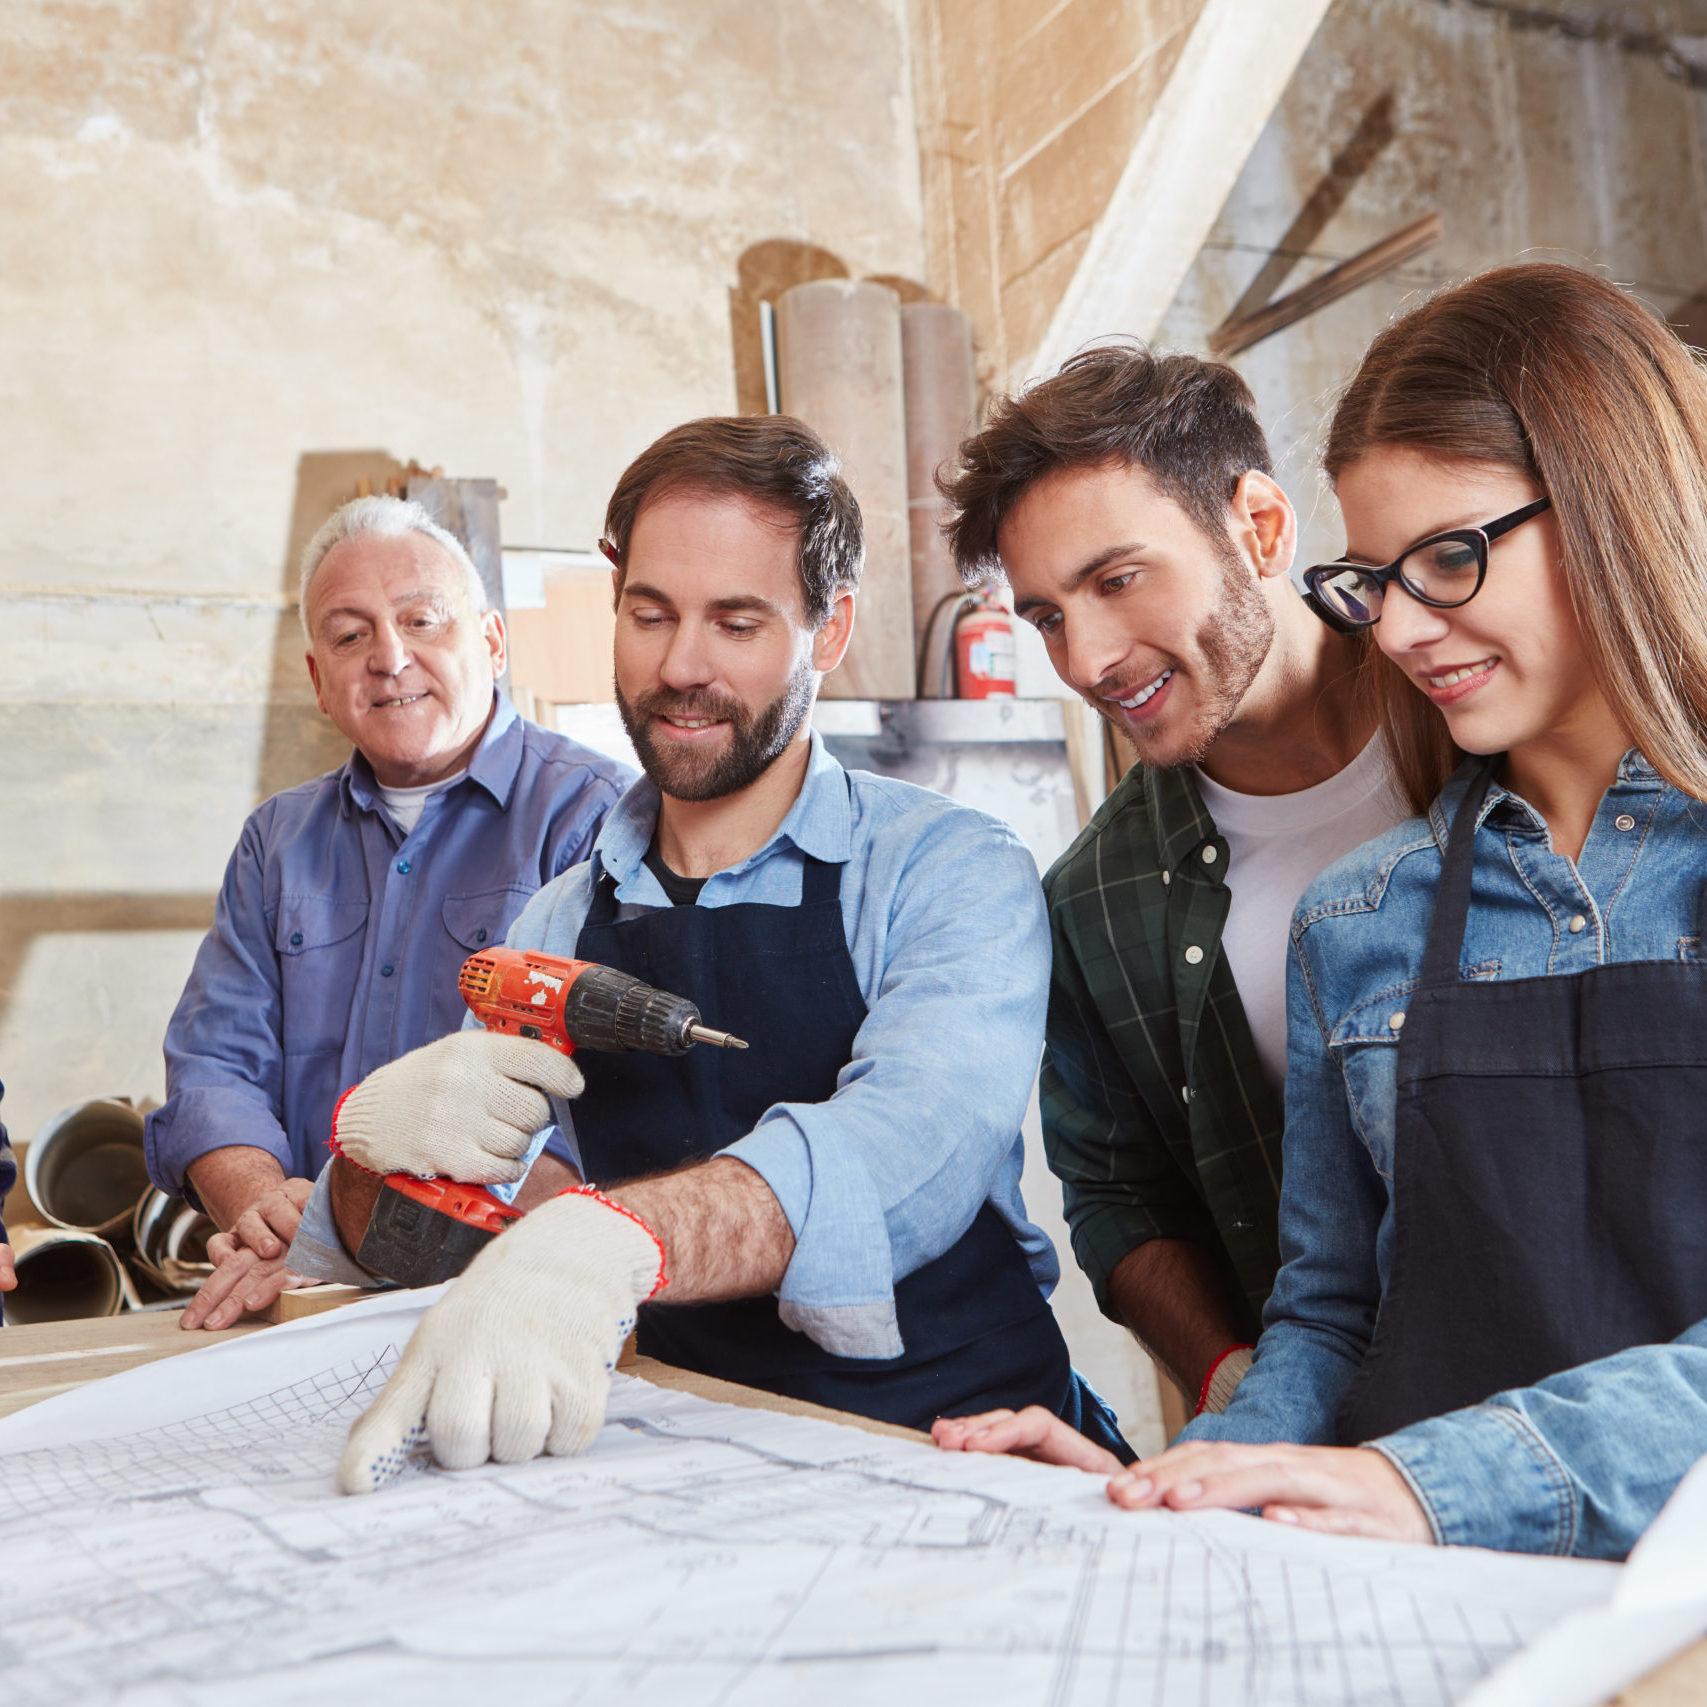 Handwerker Team arbeitet zusammen an Bauplan in Schreinerei